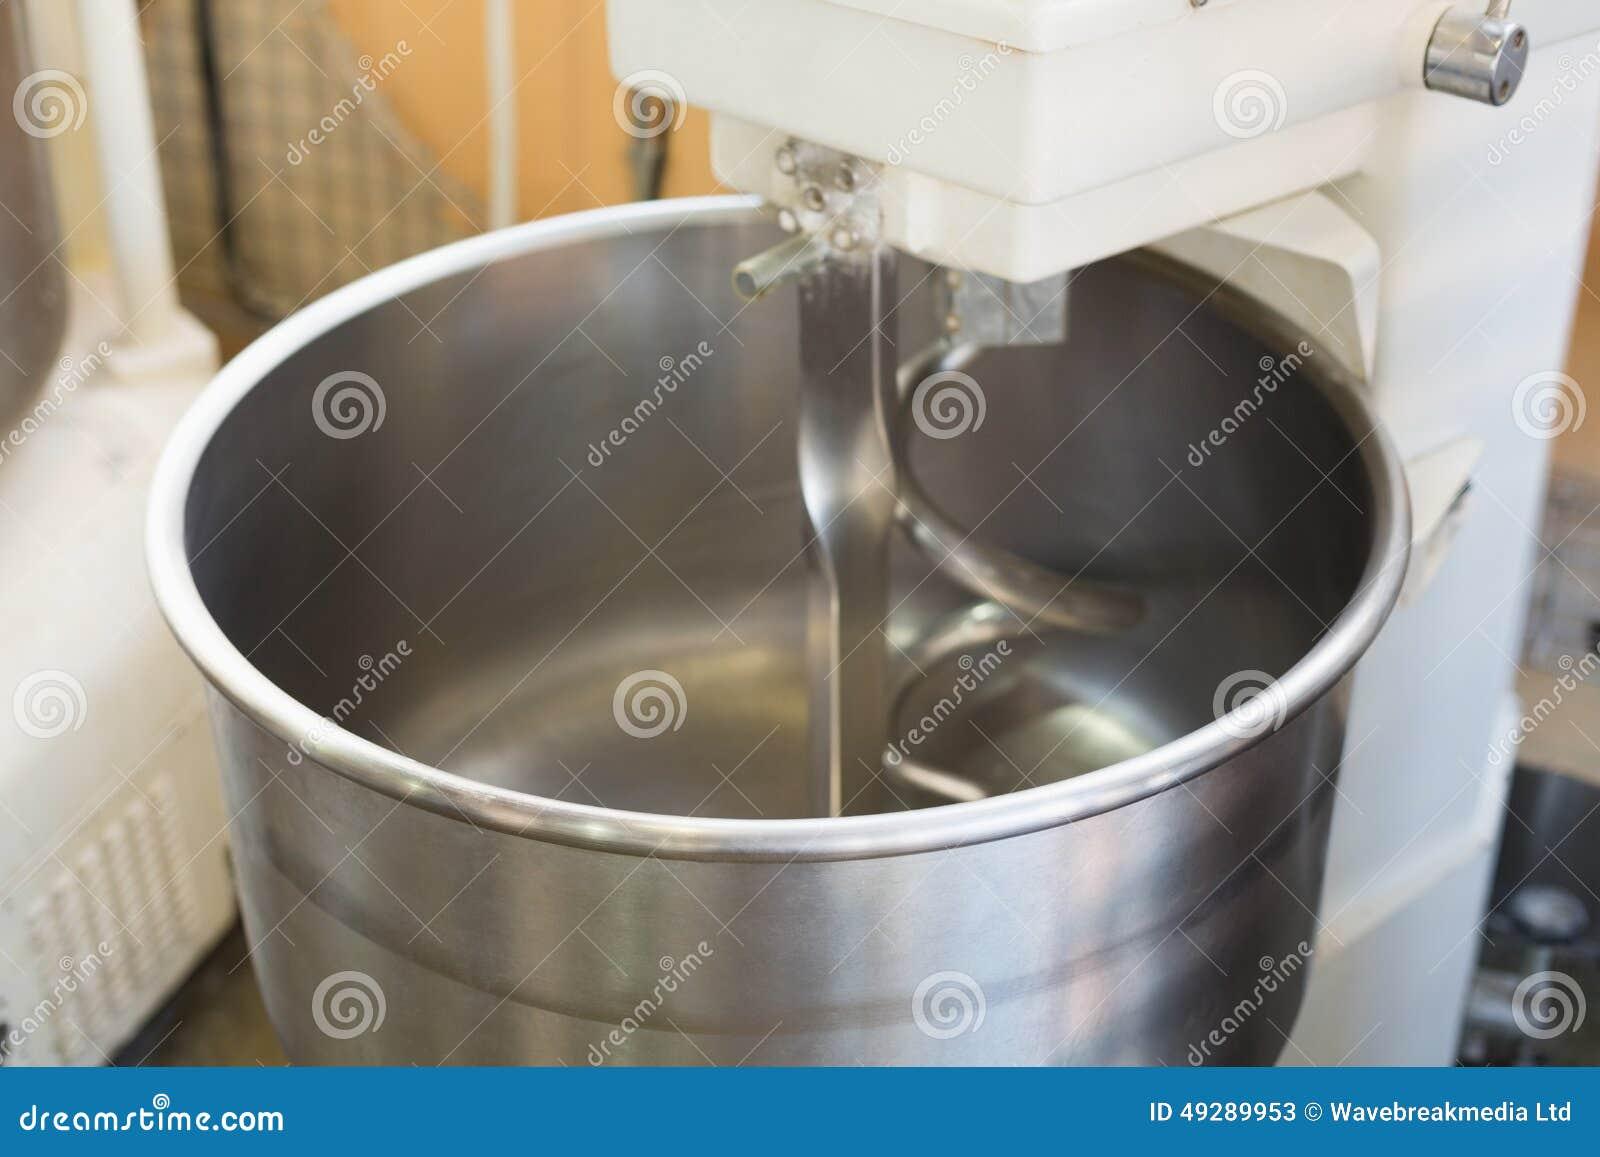 Automatische Mixer Keuken : Industriële mixer op teller stock afbeelding afbeelding